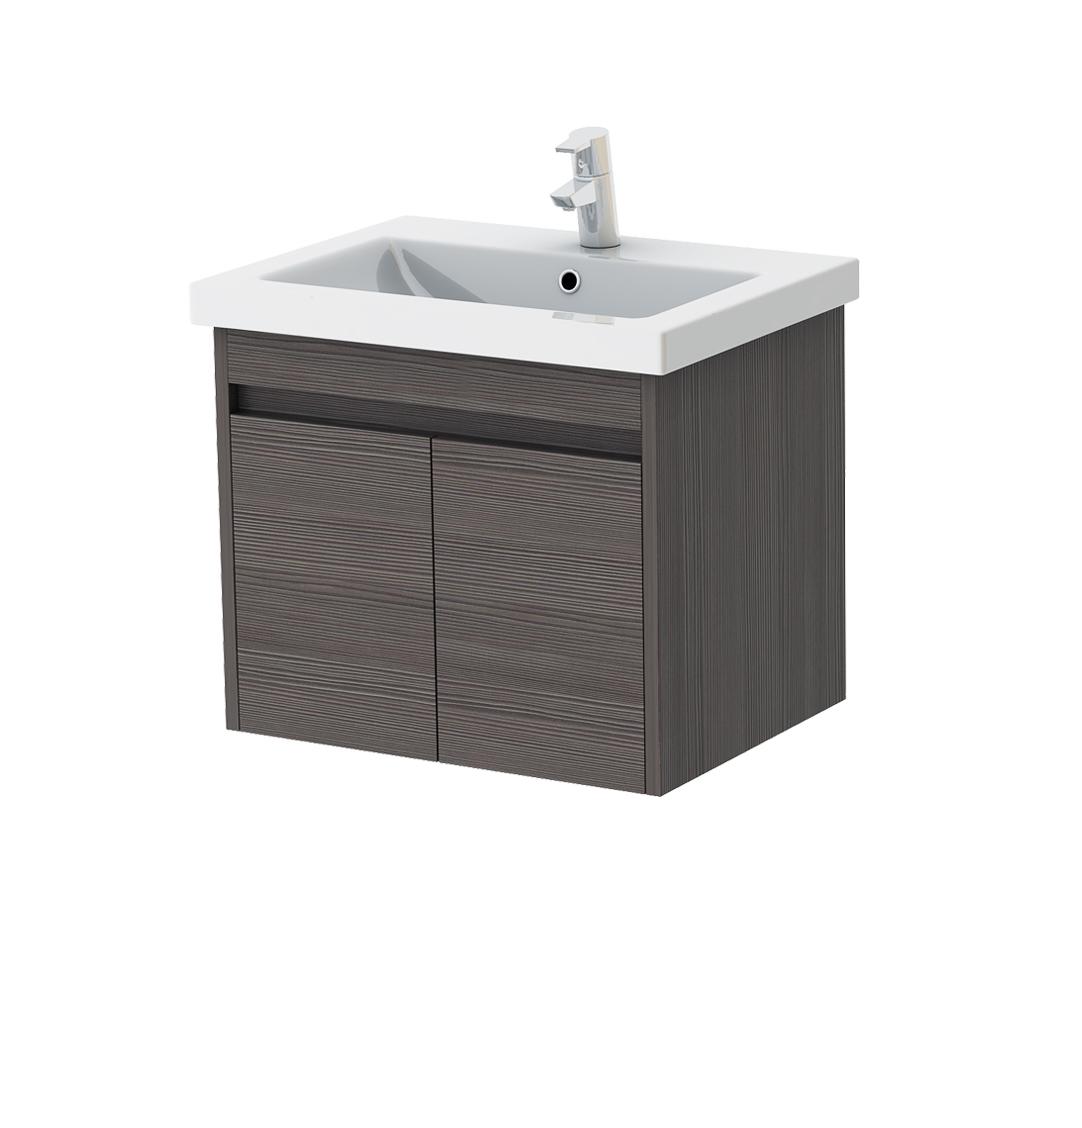 Koupelnová skříňka na stěnu s umyvadlem - Juventa - Ravenna - Rv-60 (šedohnědá)